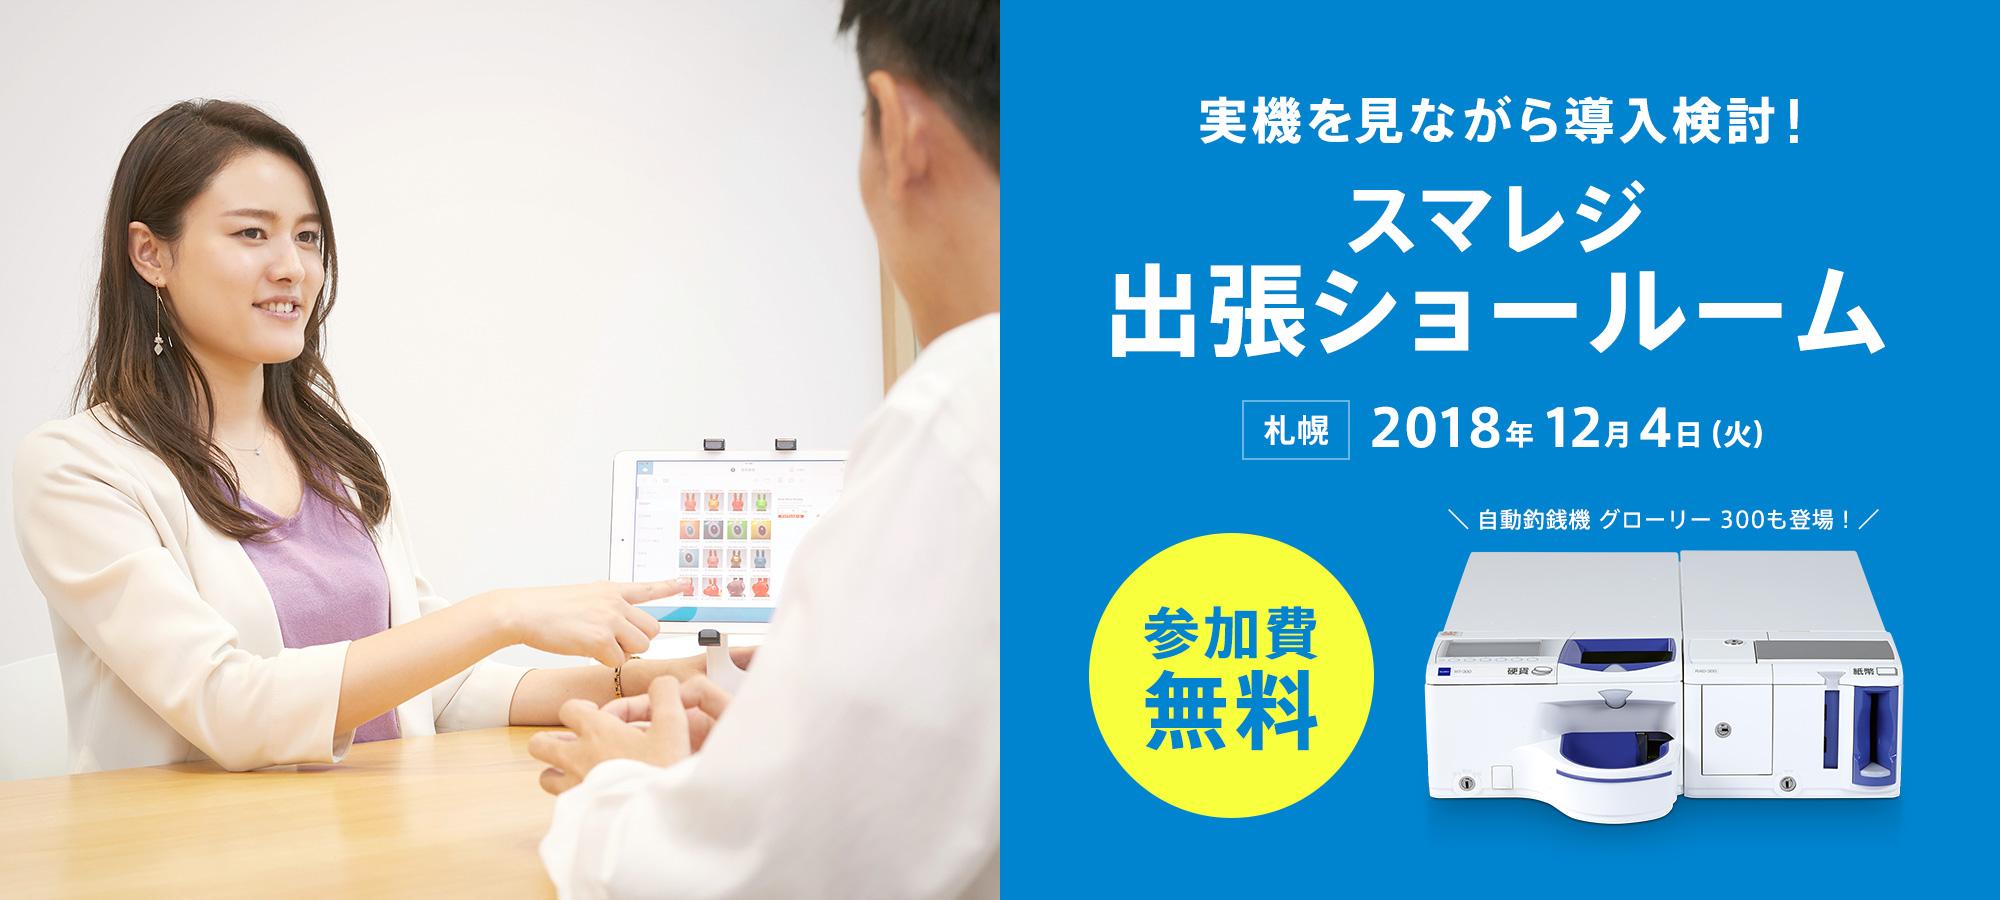 【札幌】出張スマレジショールーム